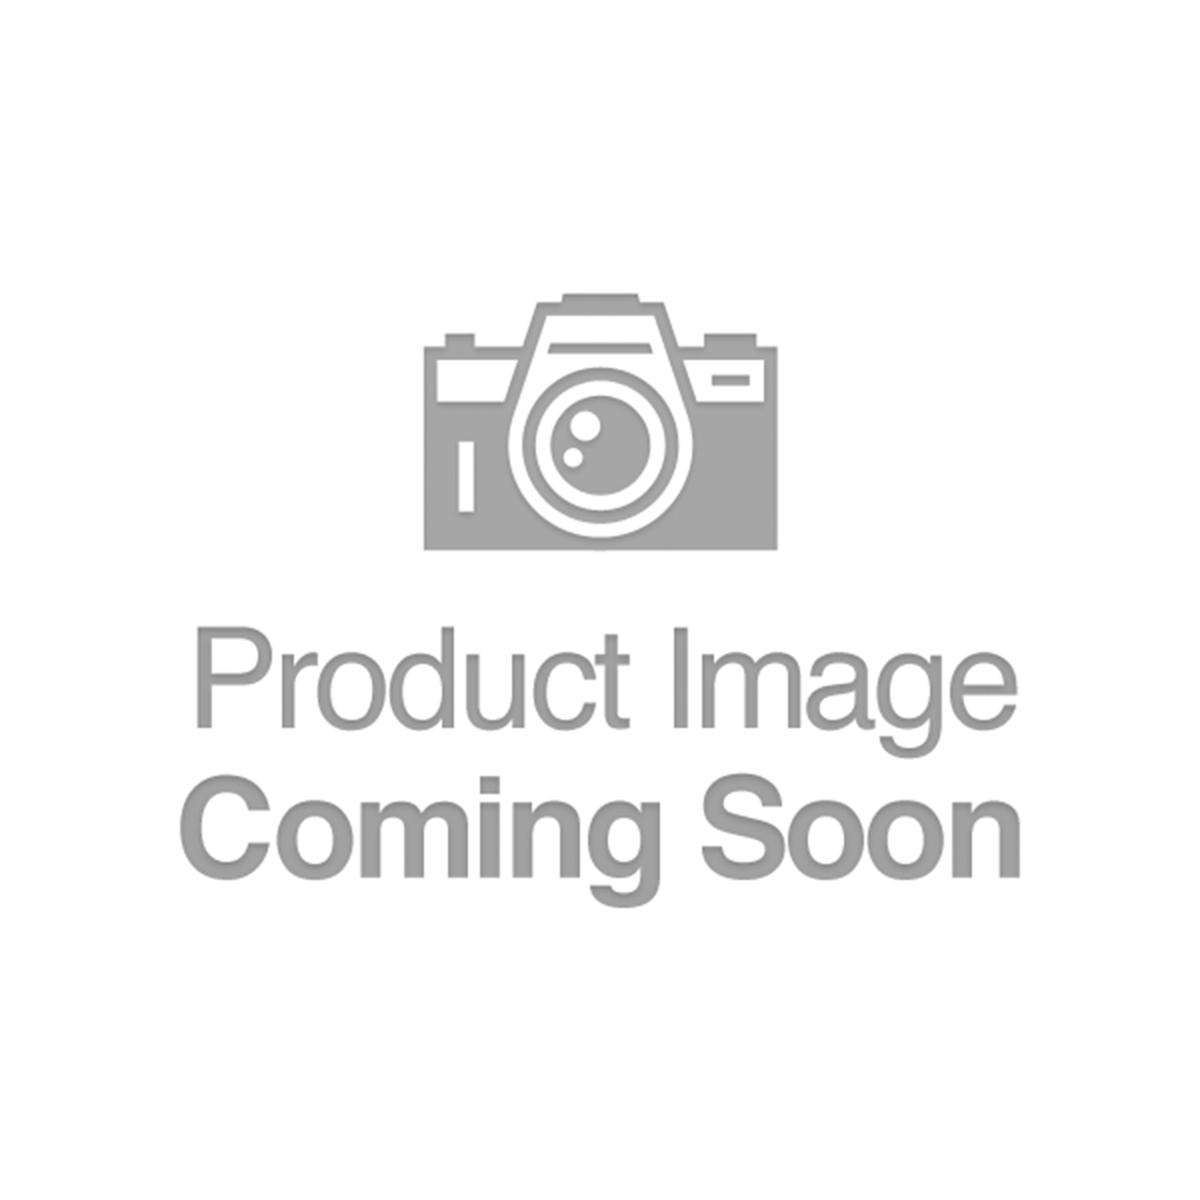 Danville - Virginia - CH 9343 - FR 618 - VF